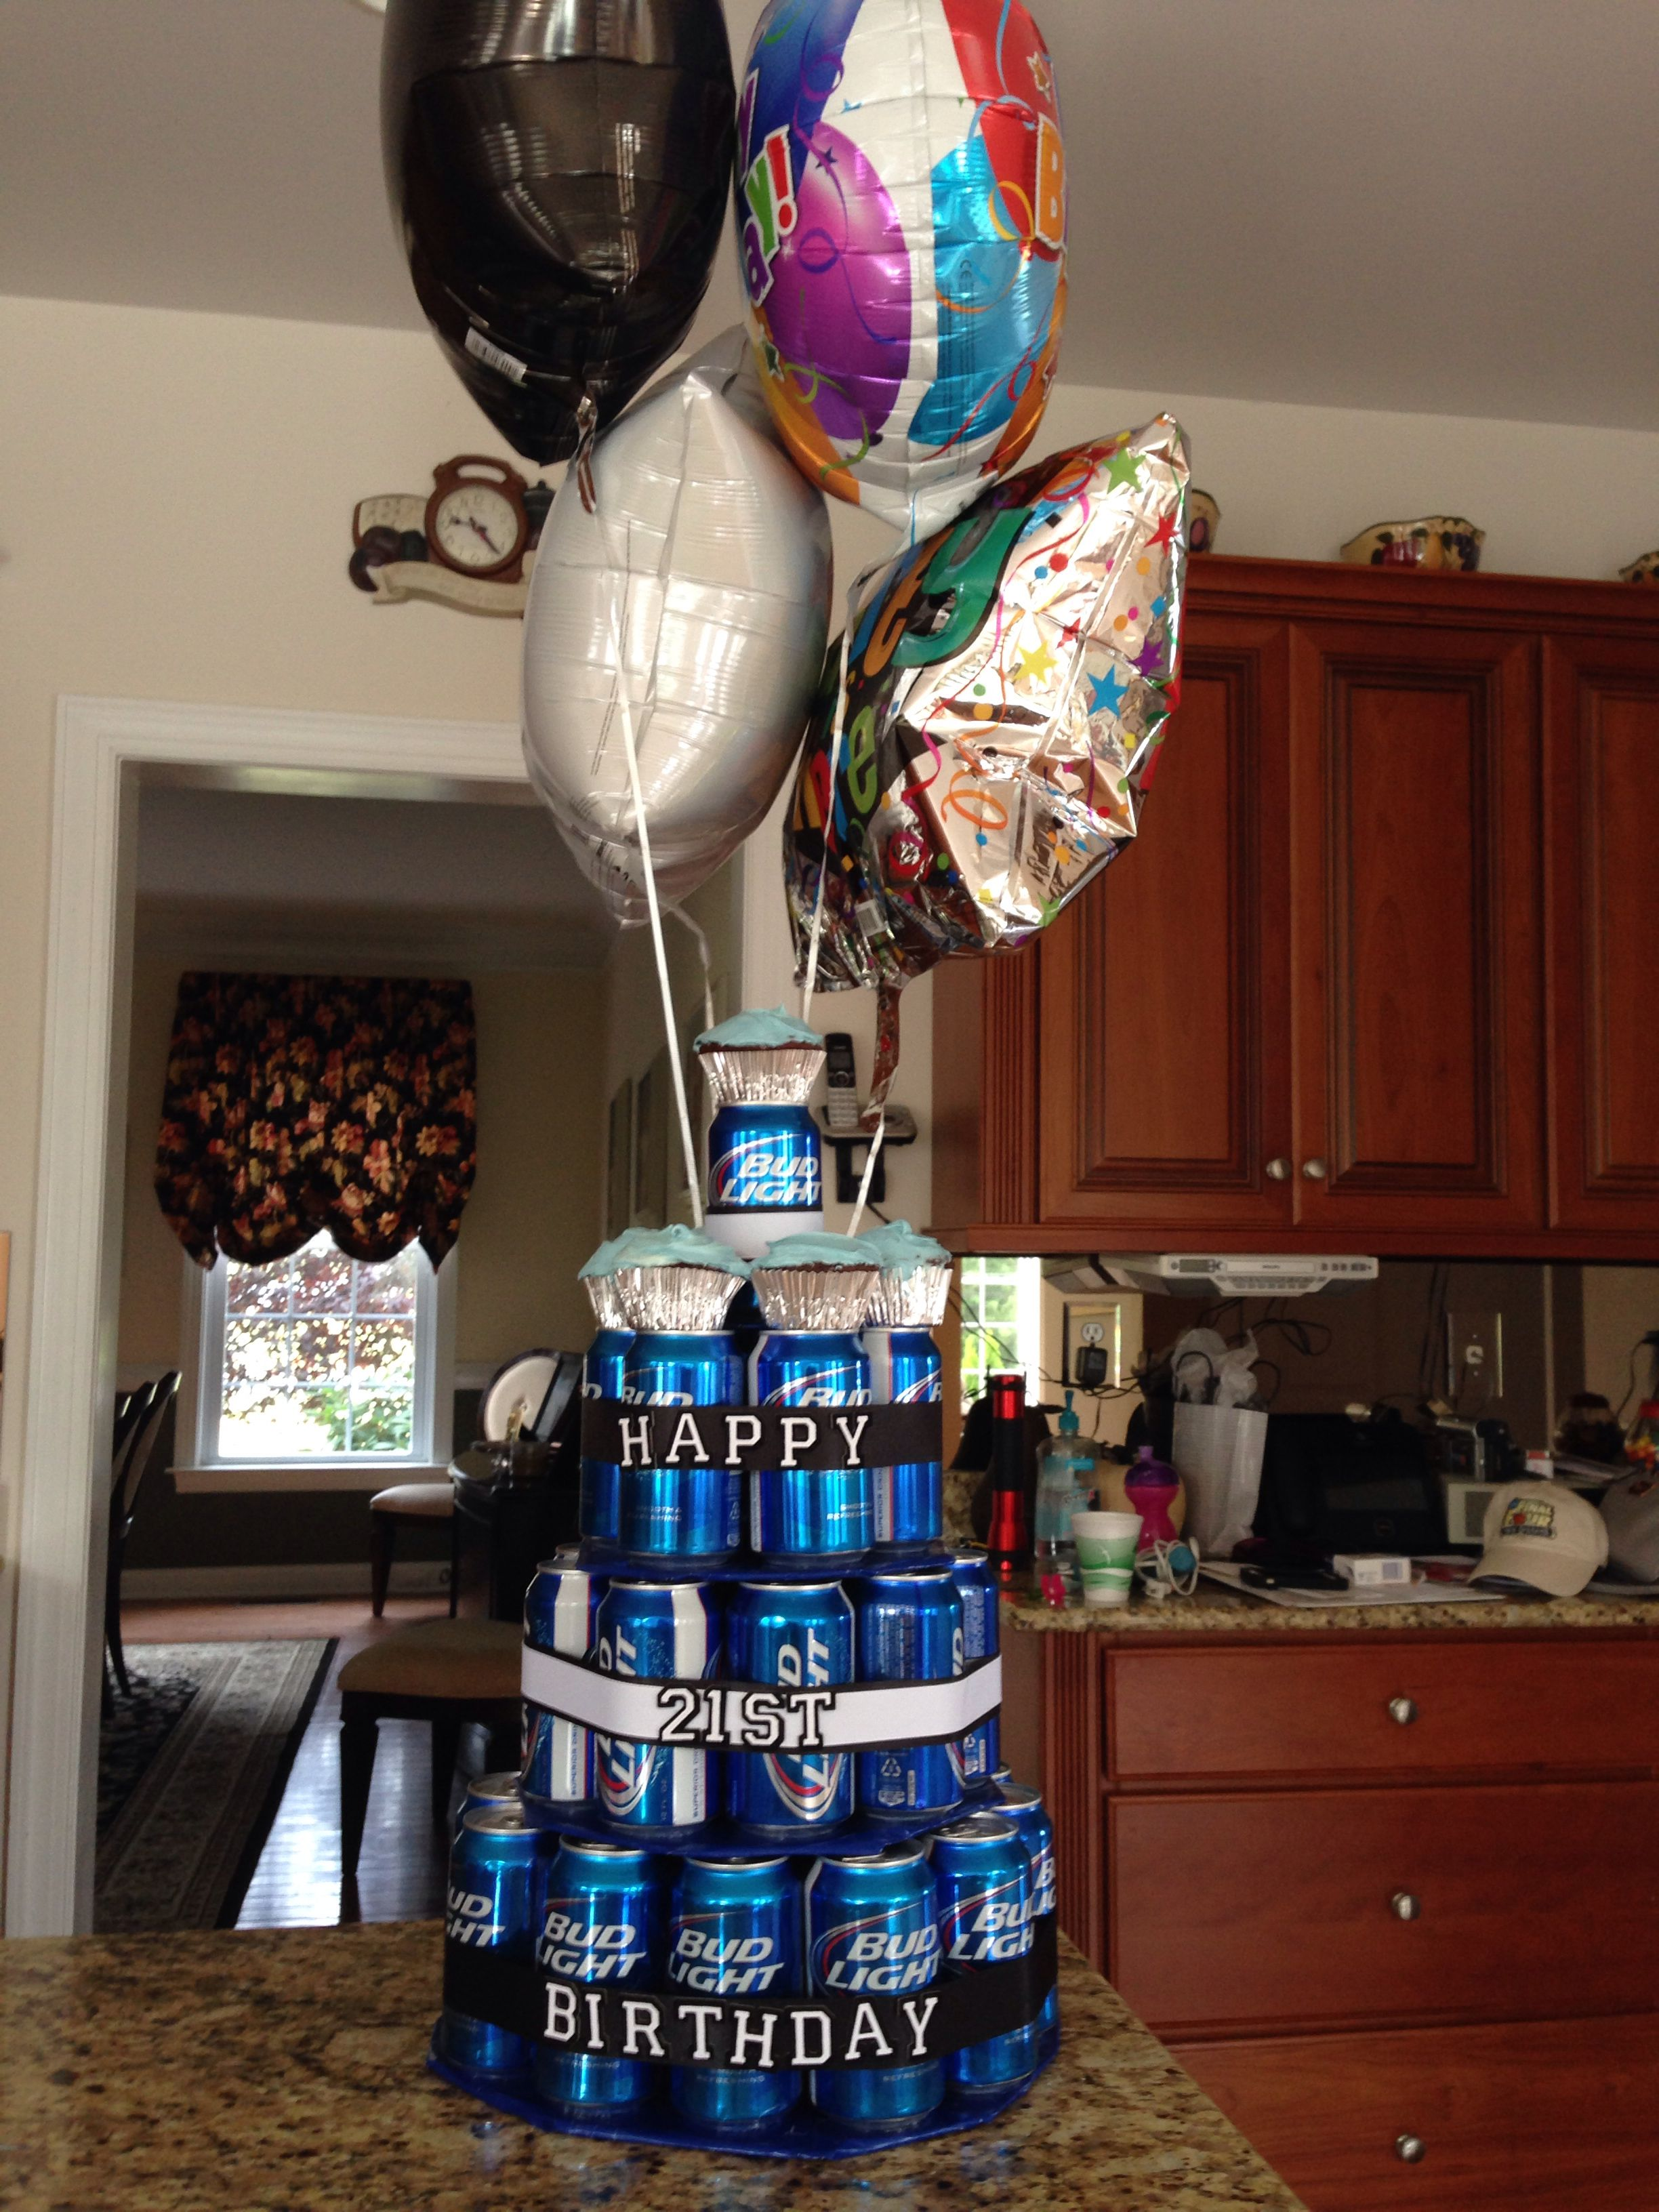 21 birthday cake for him 21st bday ideas 21st birthday